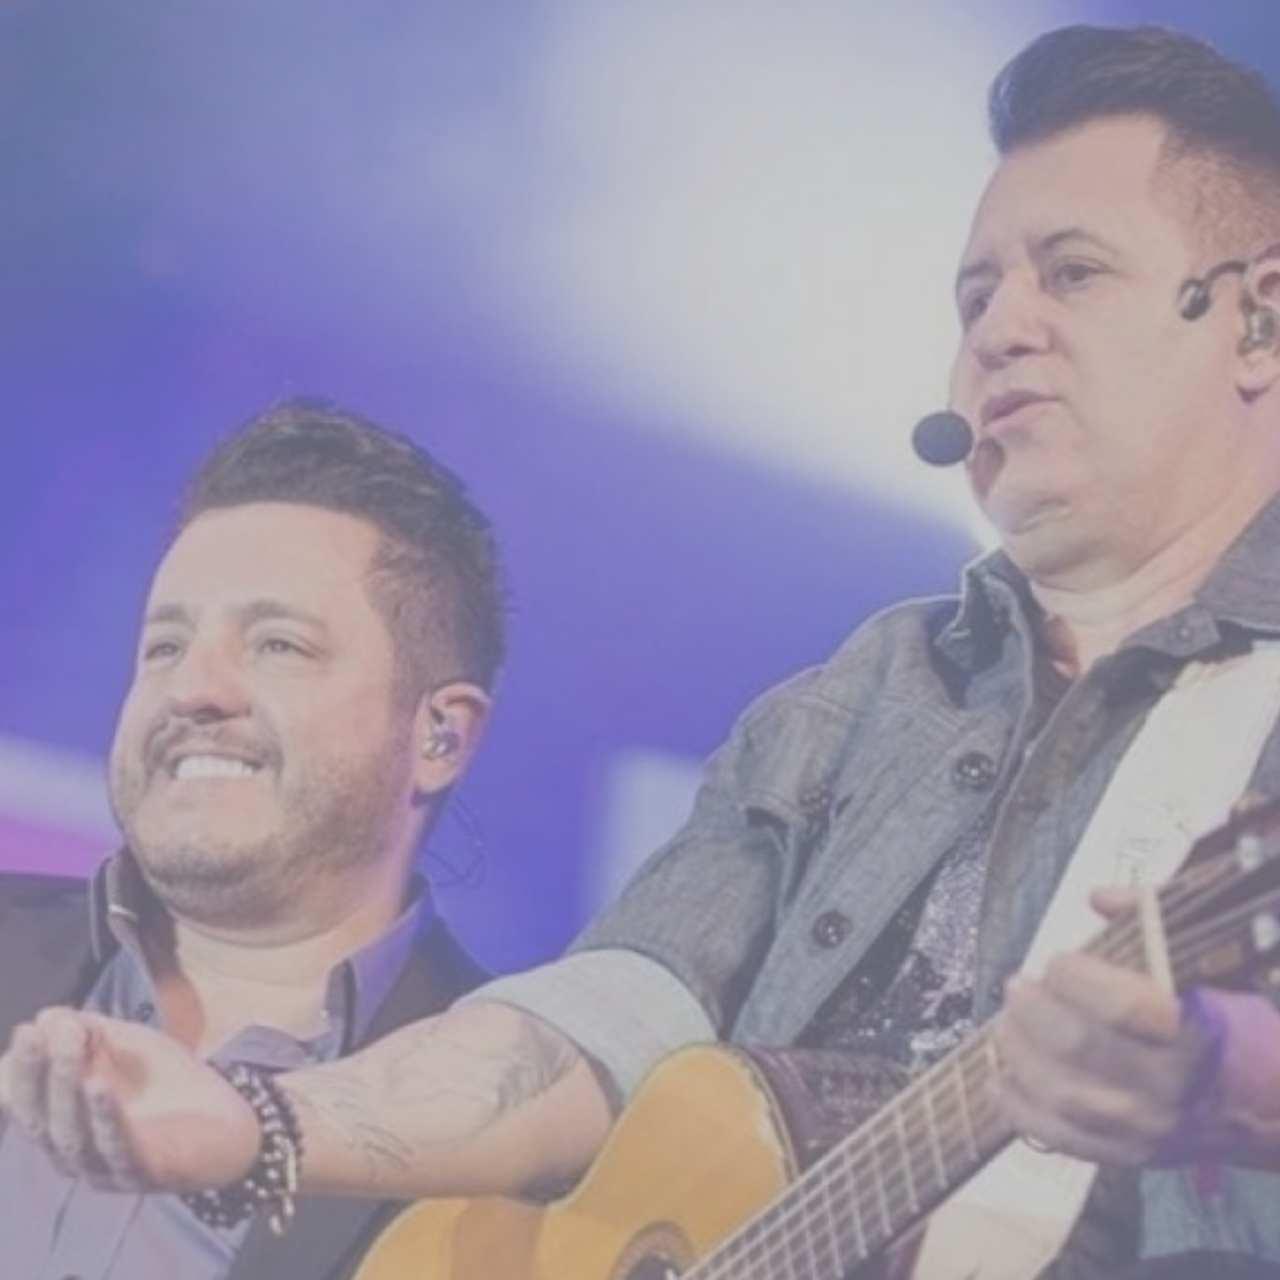 Dupla Bruno & Marrone fará show no CEL da OAB em dezembro | Foto: reprodução